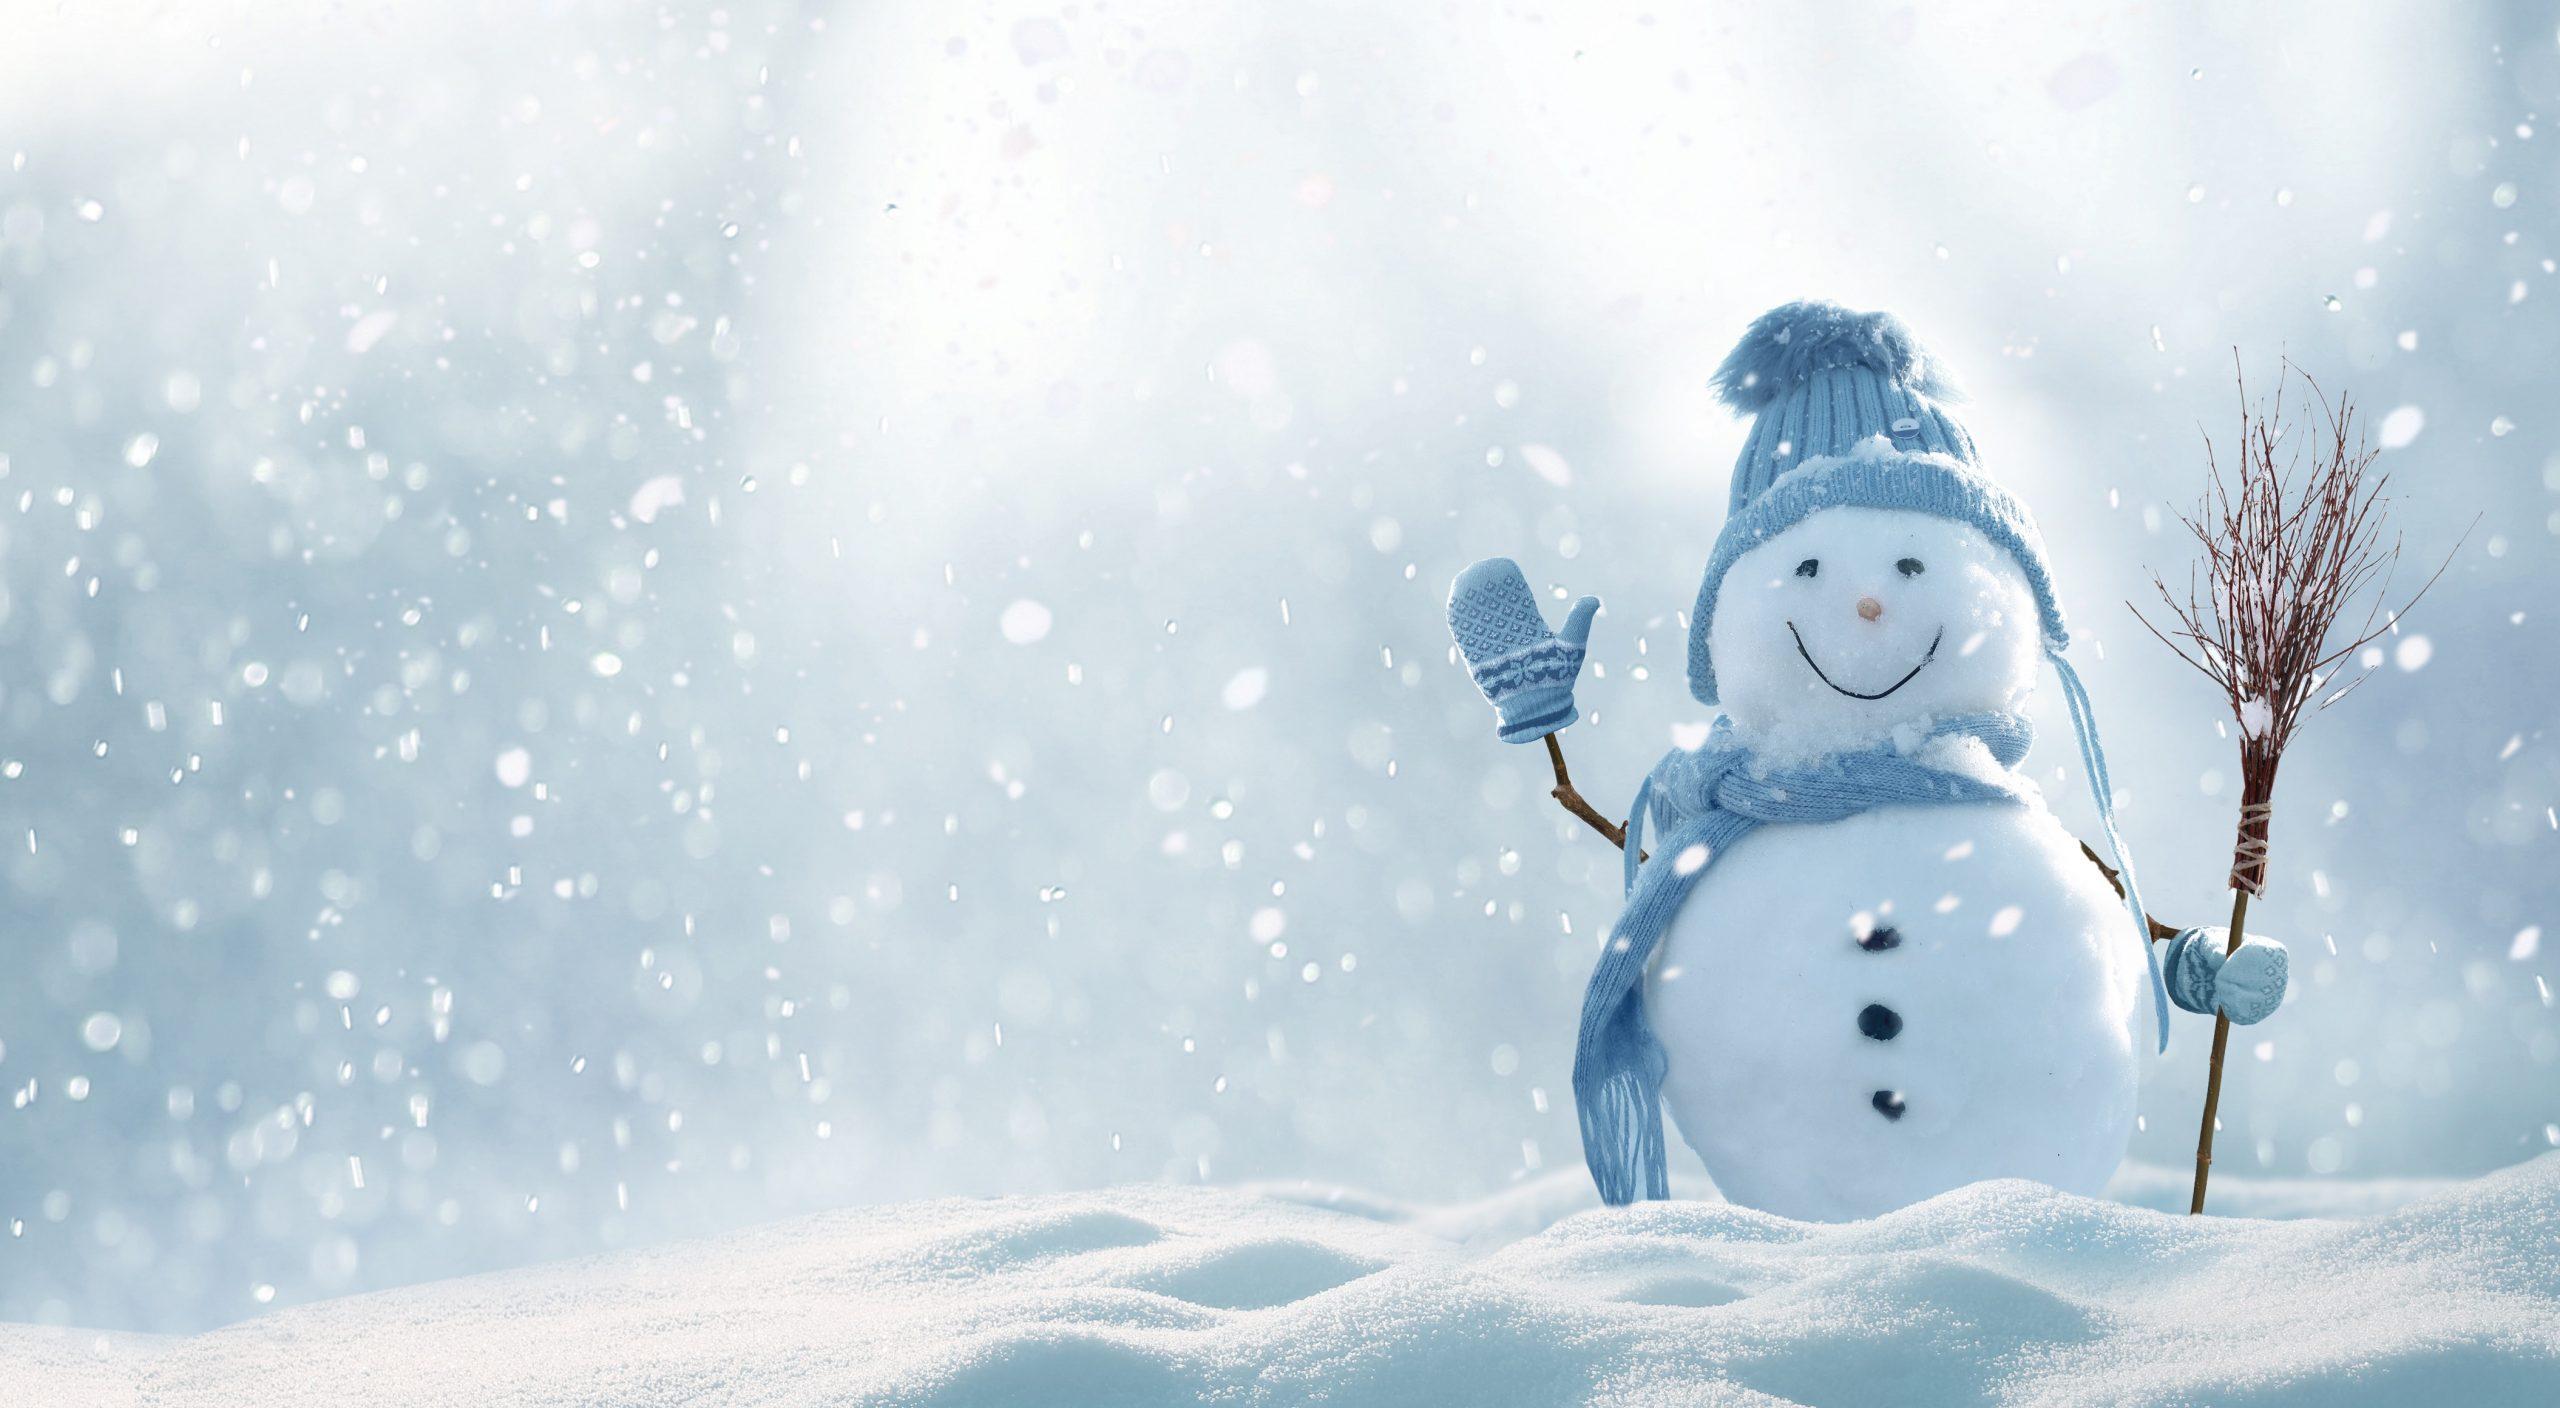 Winterferien vom 21.12.19 - 06.01.20 | Studienzirkel Hannover